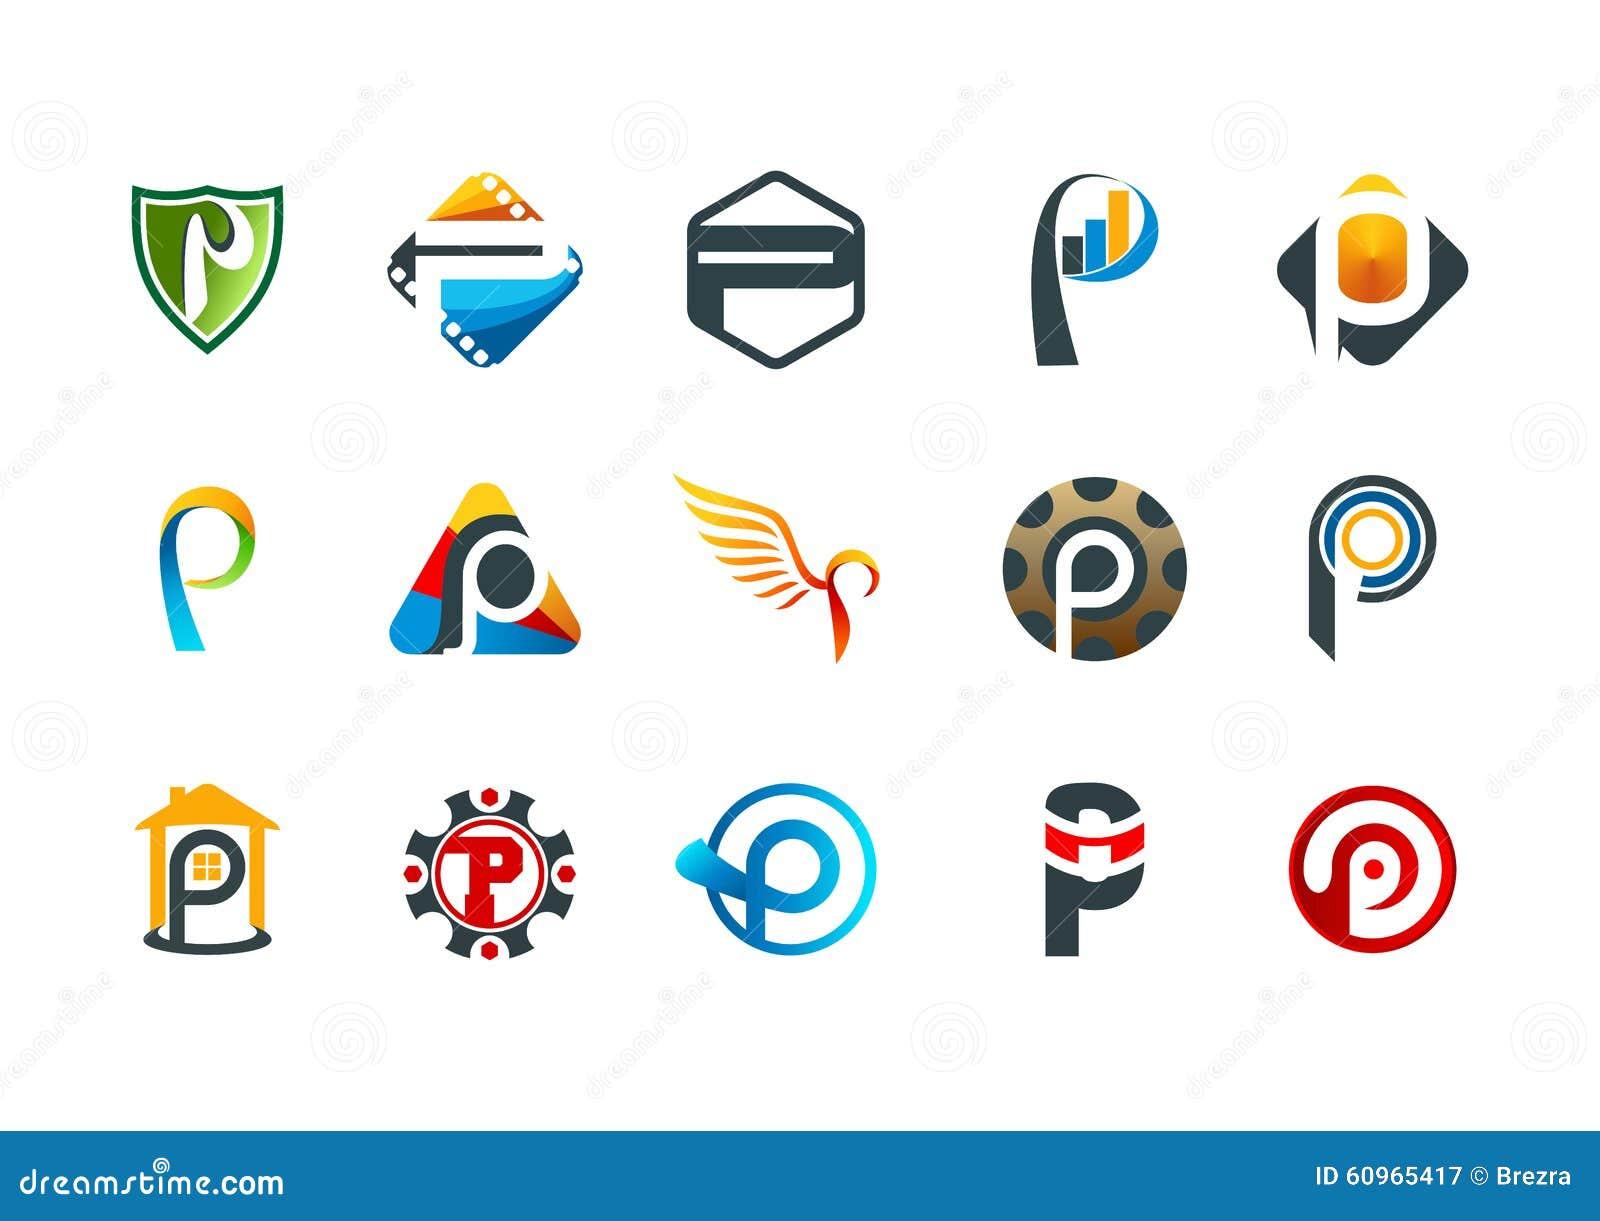 Letter P Logo, ... P Design Logo